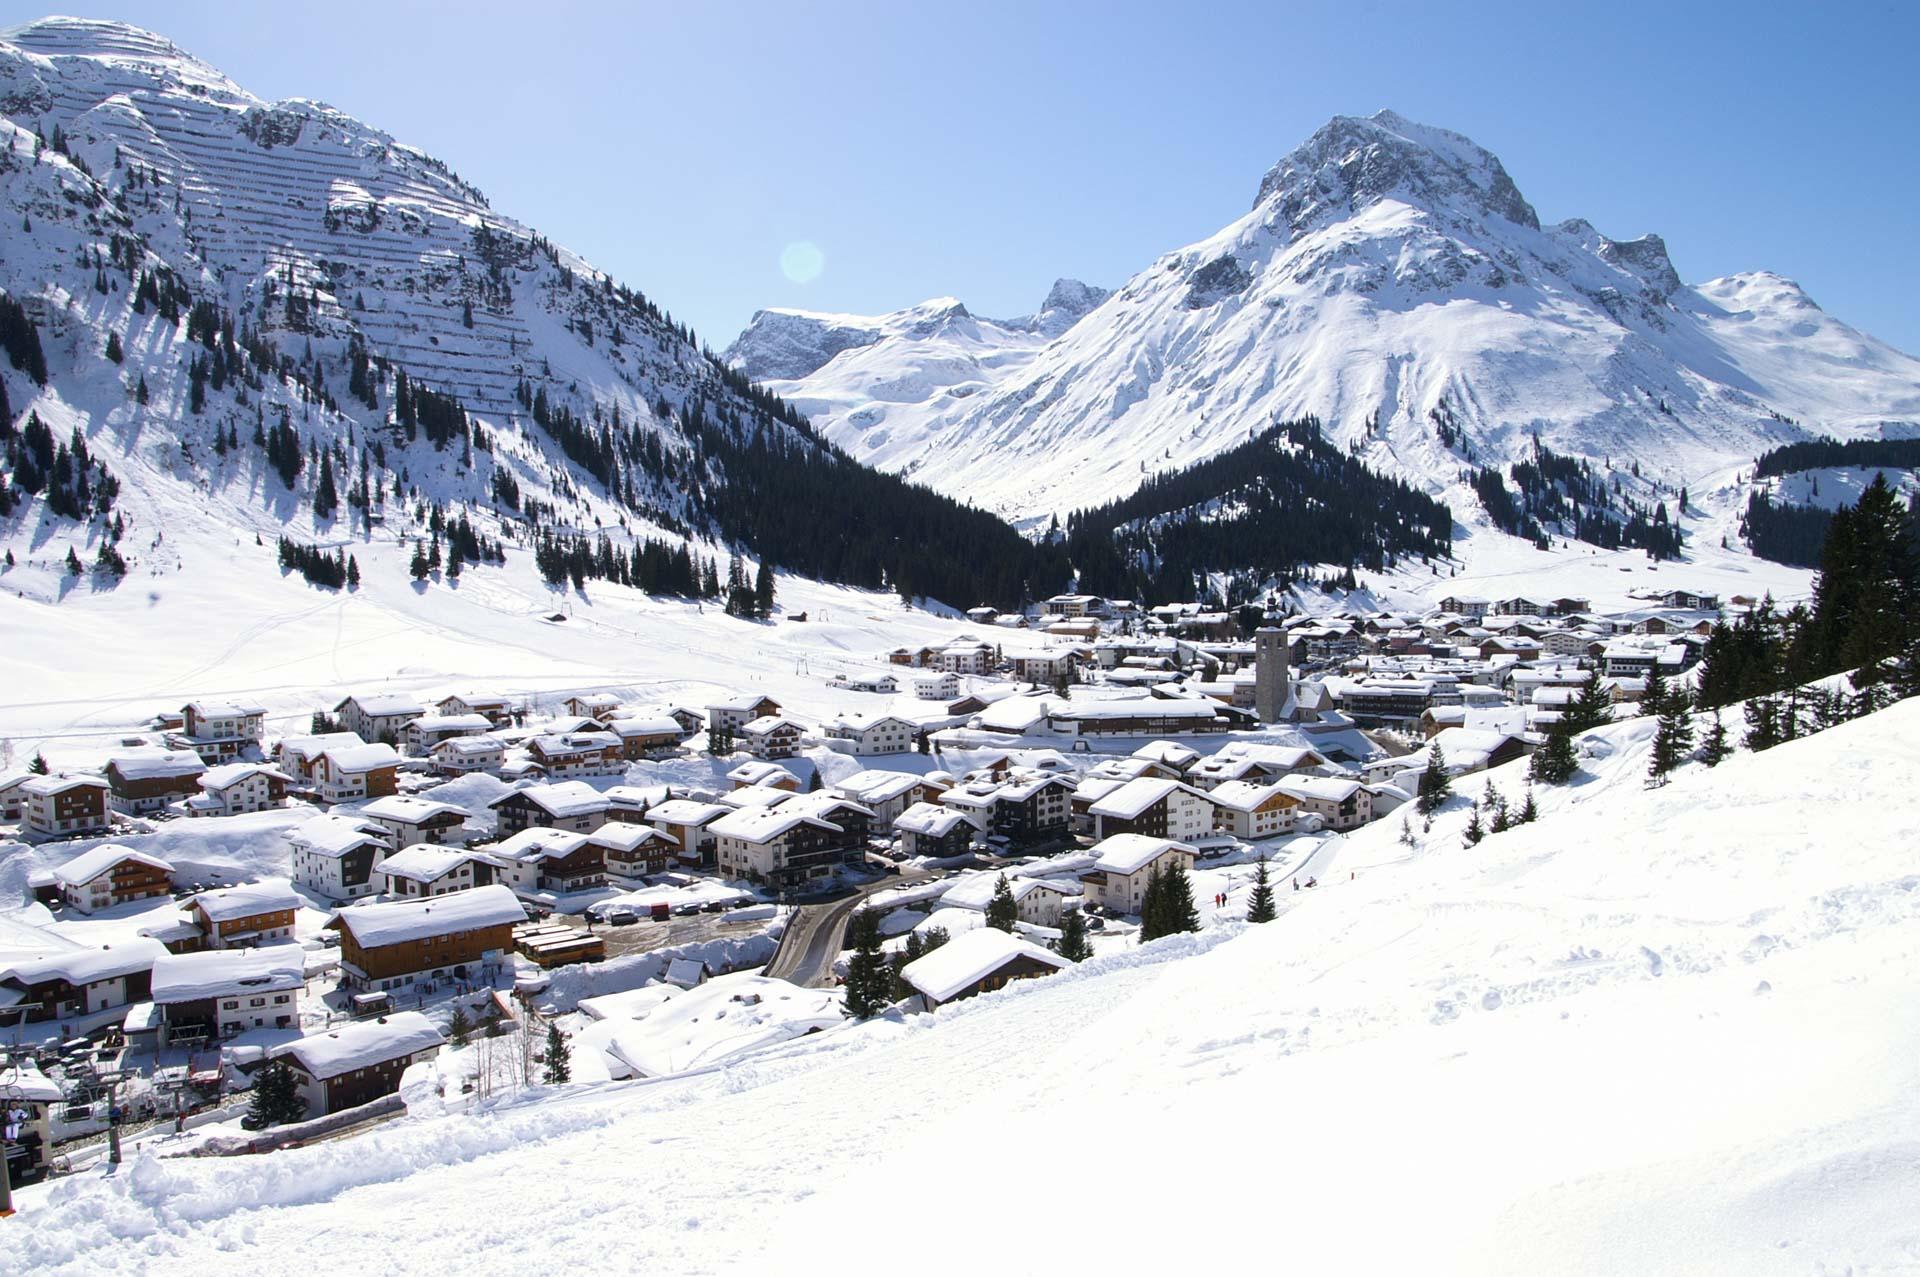 Blauer Himmel und Wolken über dem schneebedeckten Dorf und den Bergen von Lech am Arlberg